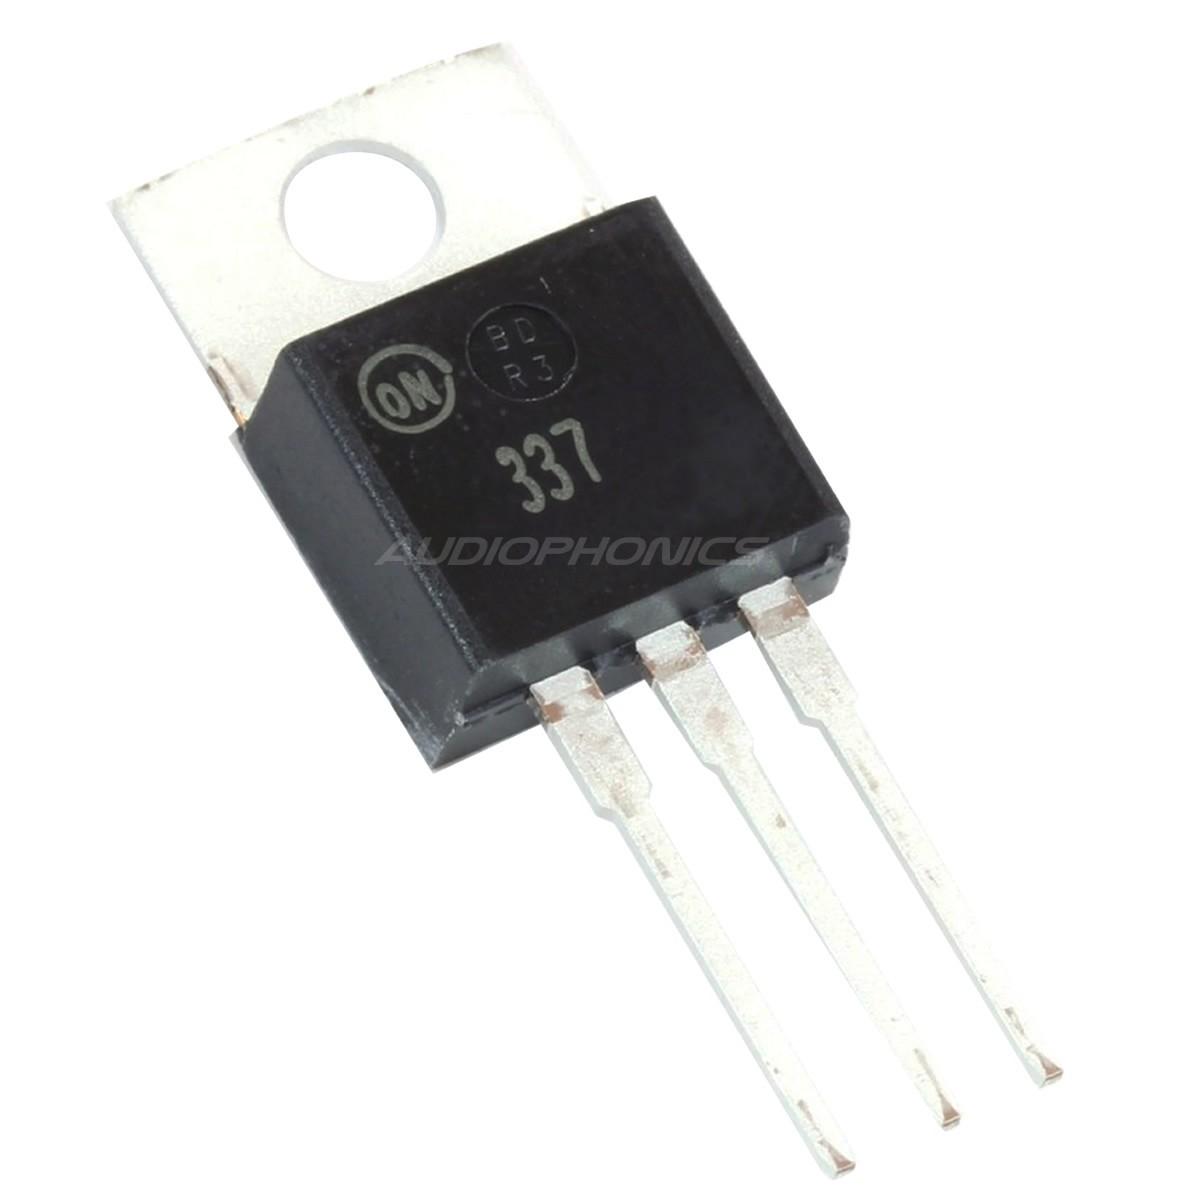 ON LM337 Régulateur de Tension Négatif -1.2V -37V 1.5A